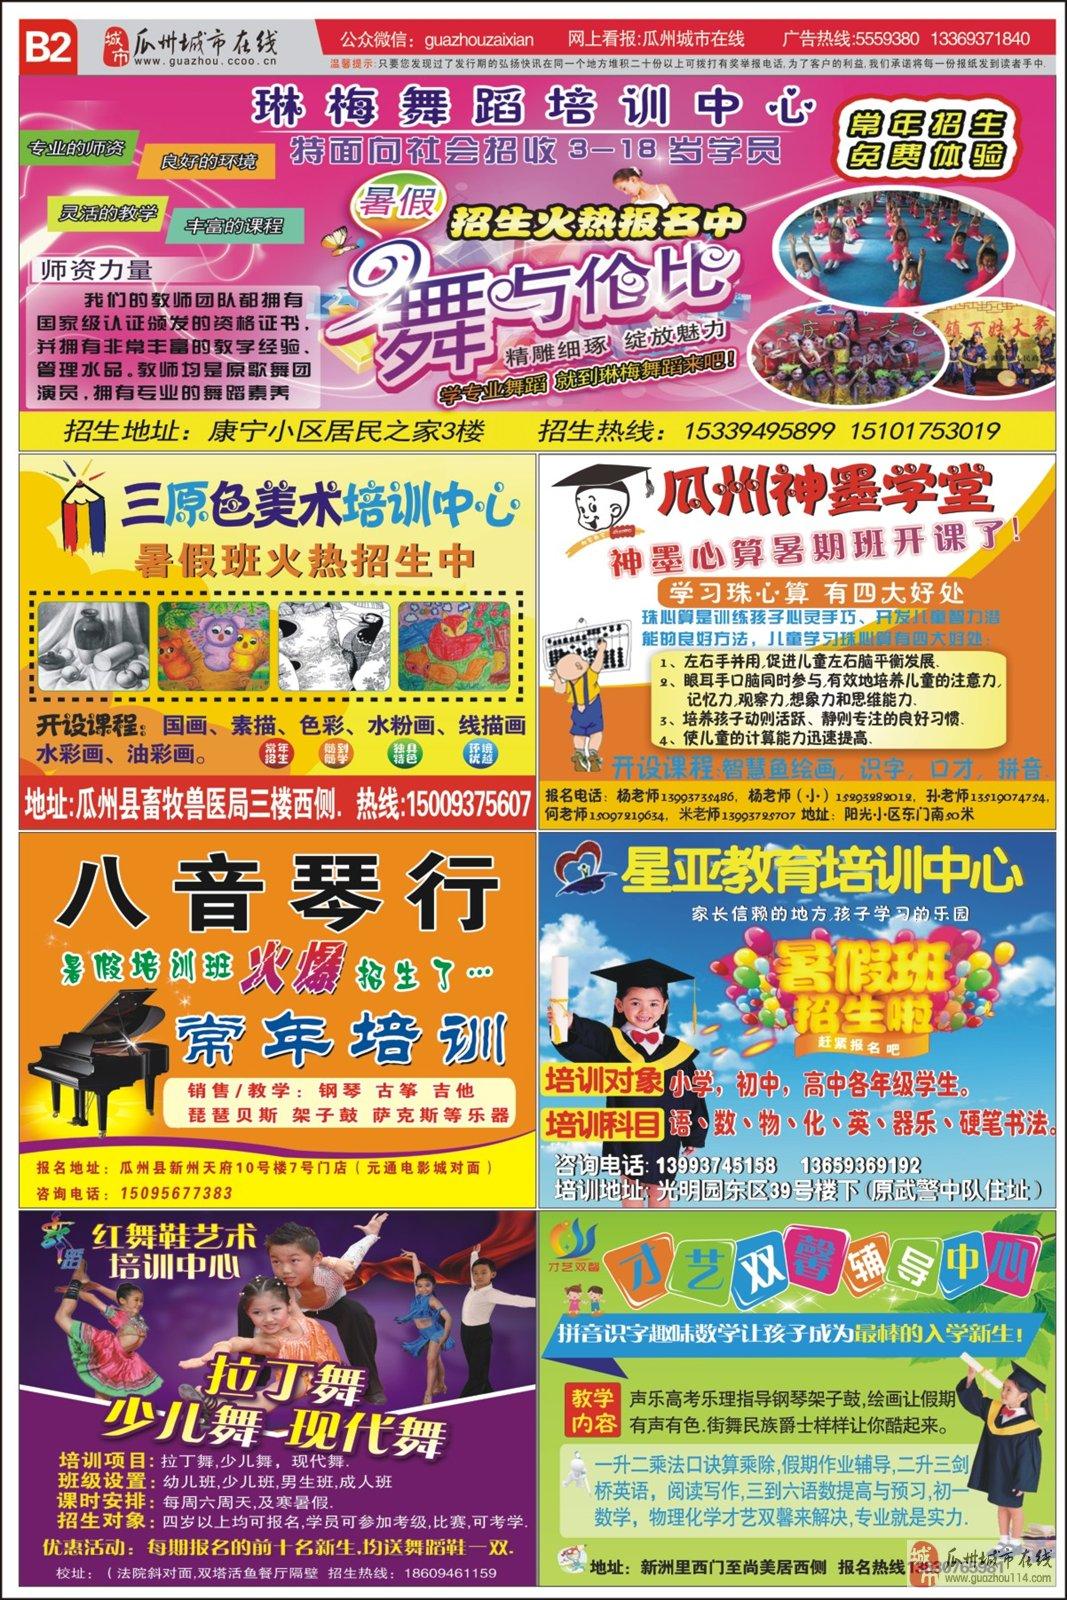 瓜州弘扬快讯全县暑期教育专刊限量广告火热招商中